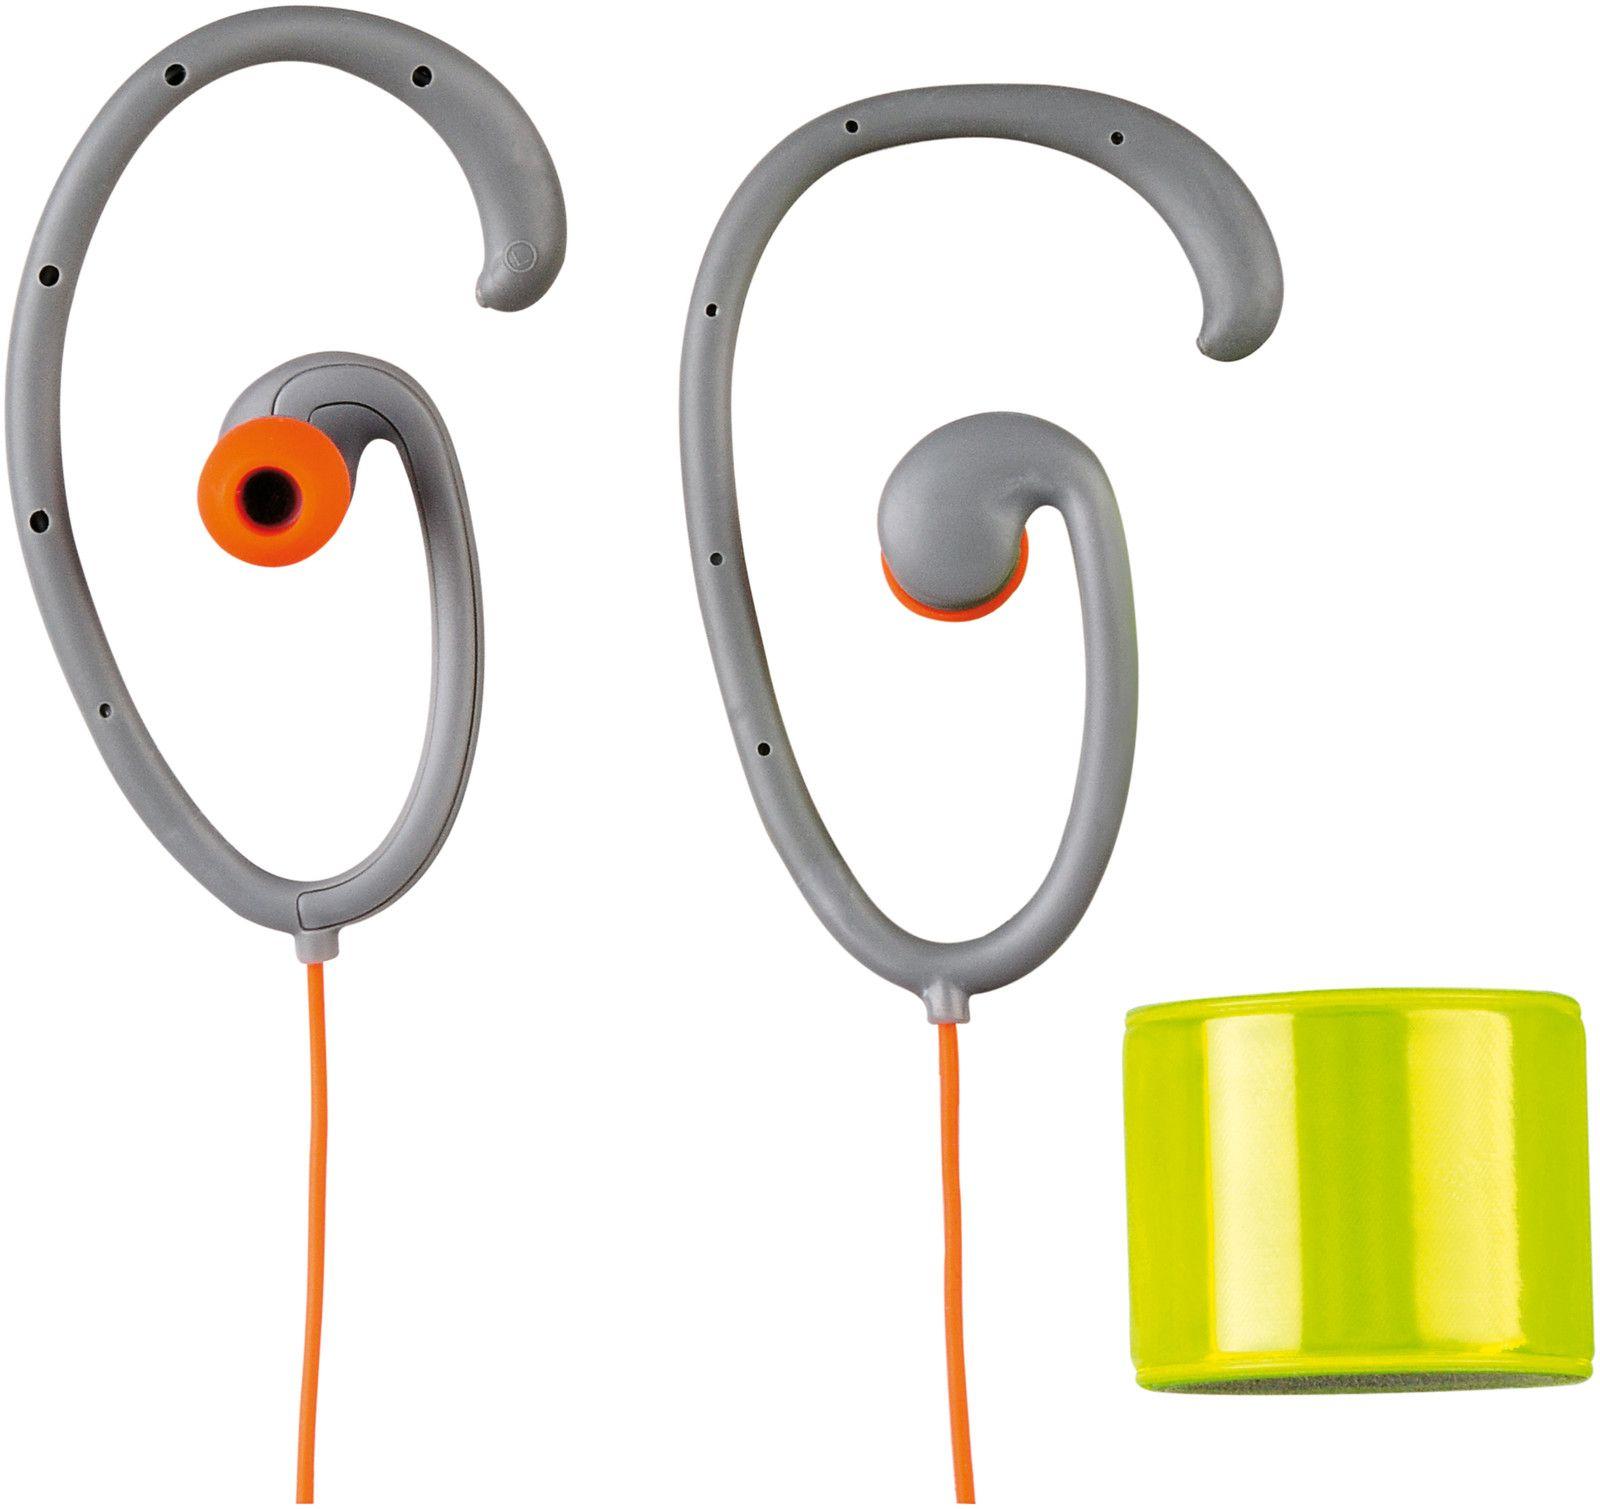 Thomson EAR5205 In-Ear Sporty